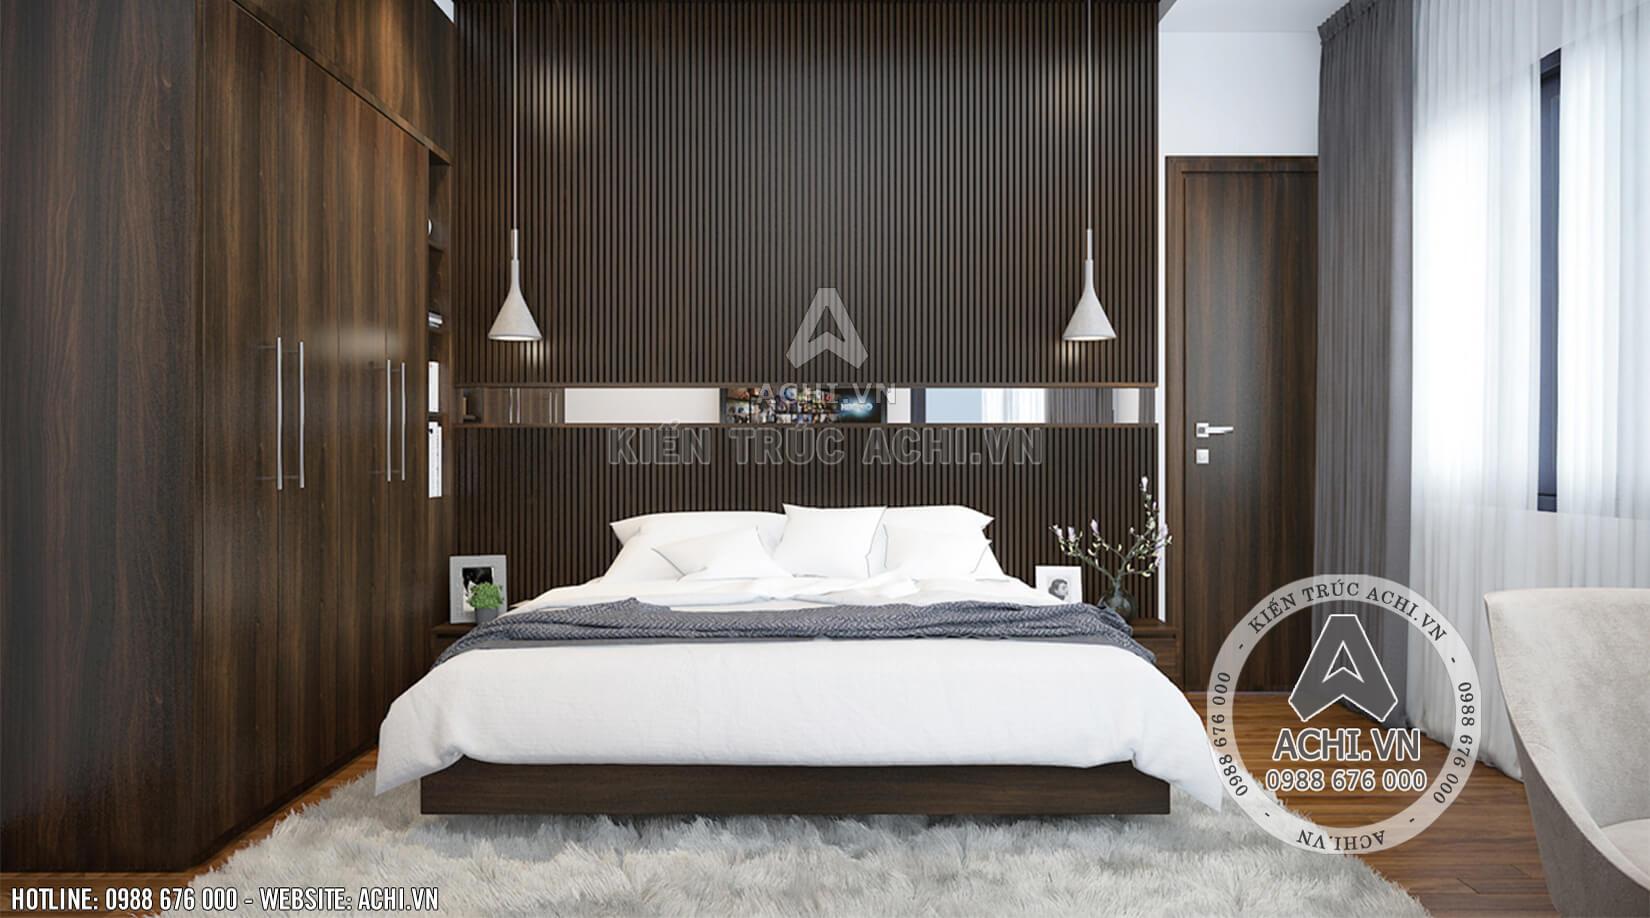 Nội thất phòng ngủ mẫu nhà hiện đại 2 tầng